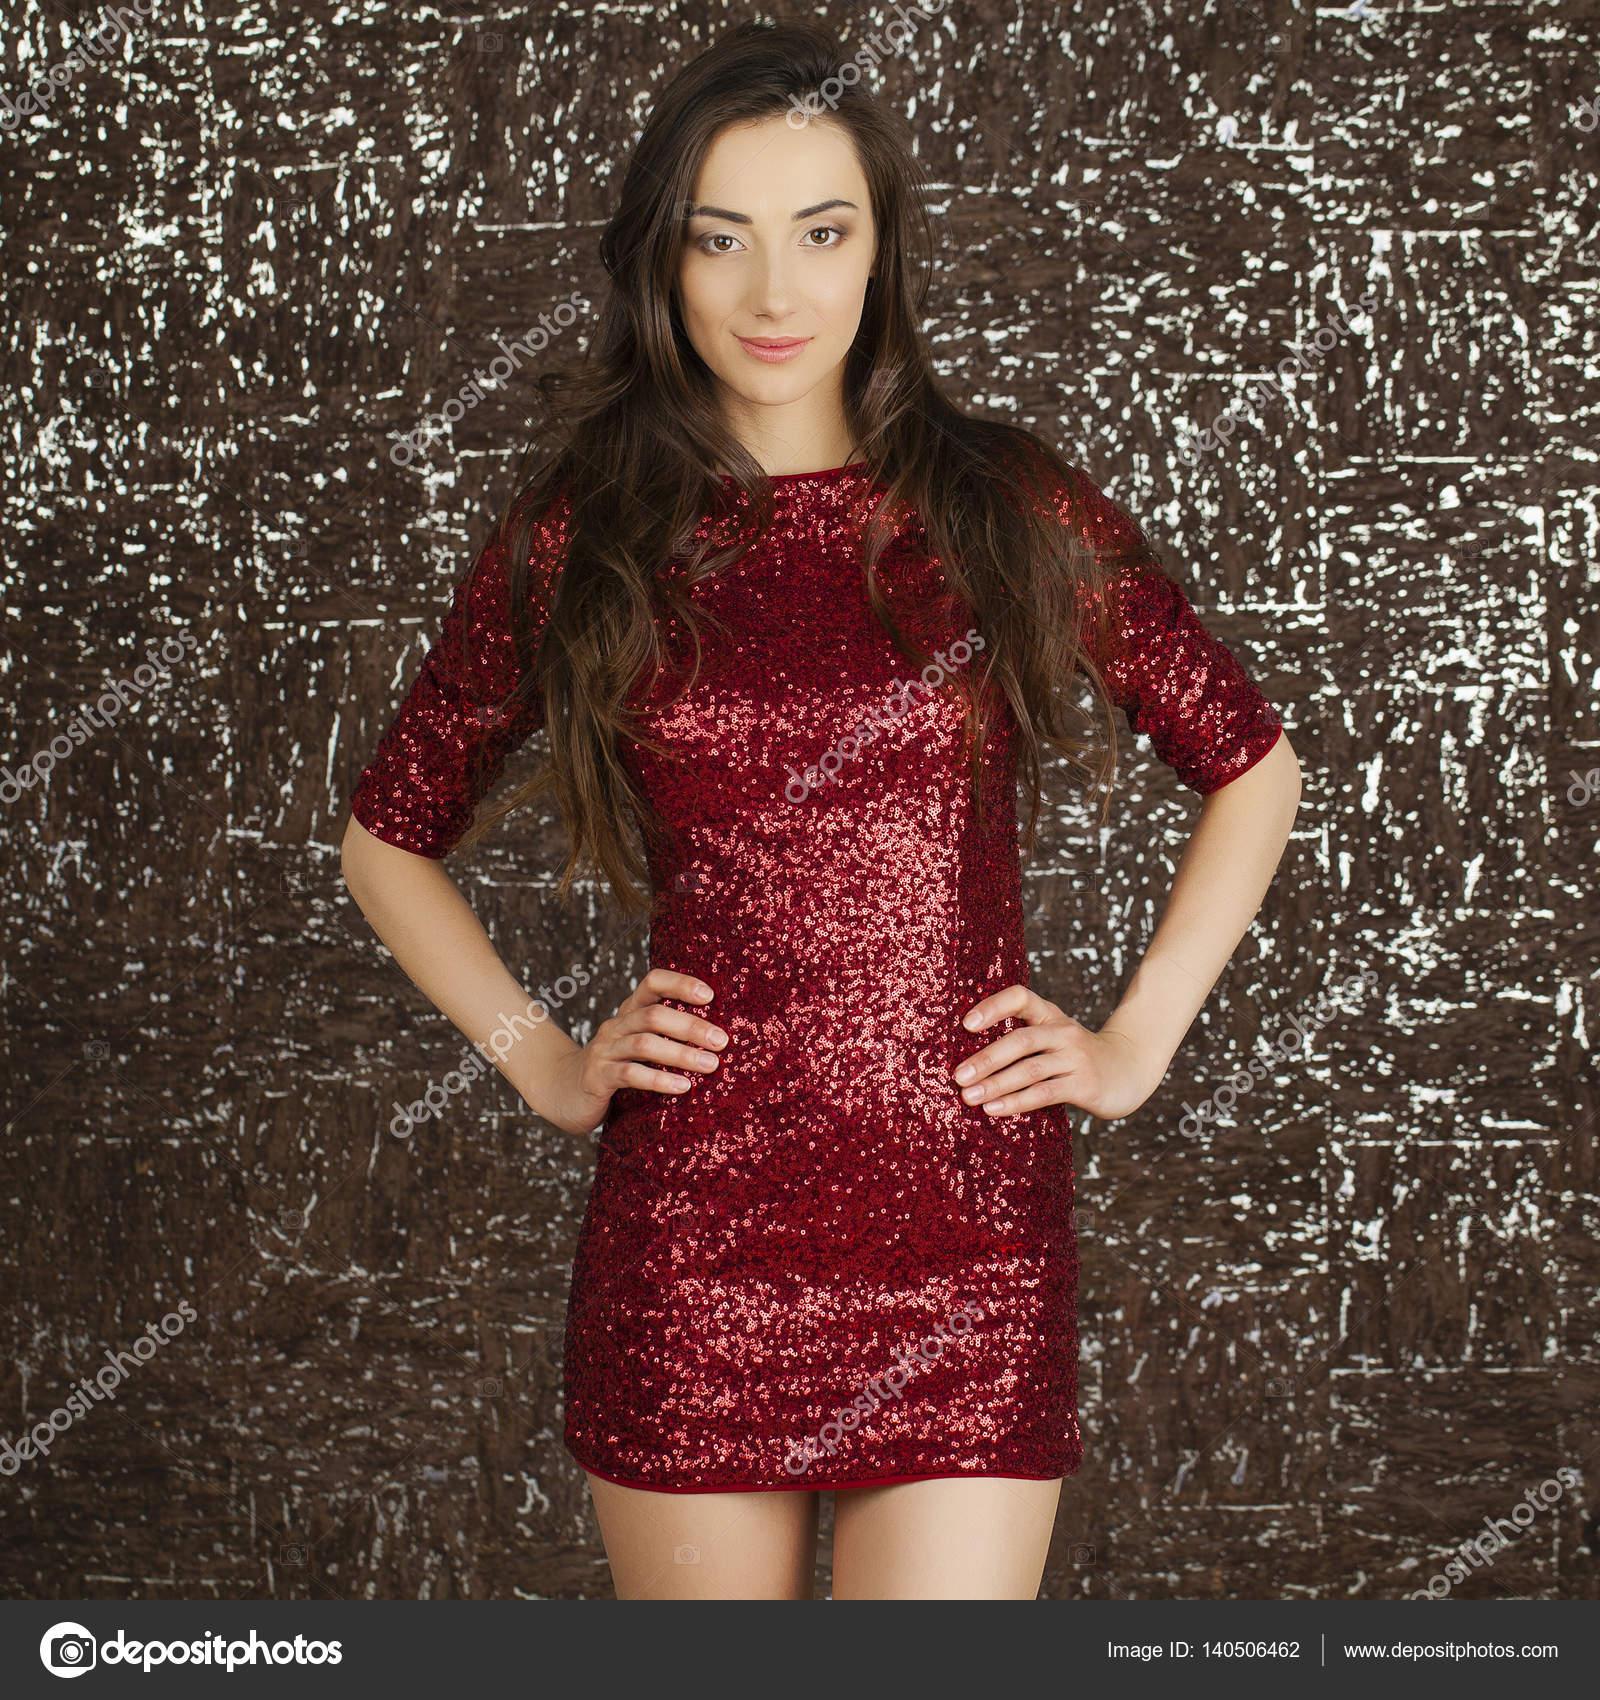 Ledy im roten Kleid — Stockfoto © arkusha #140506462